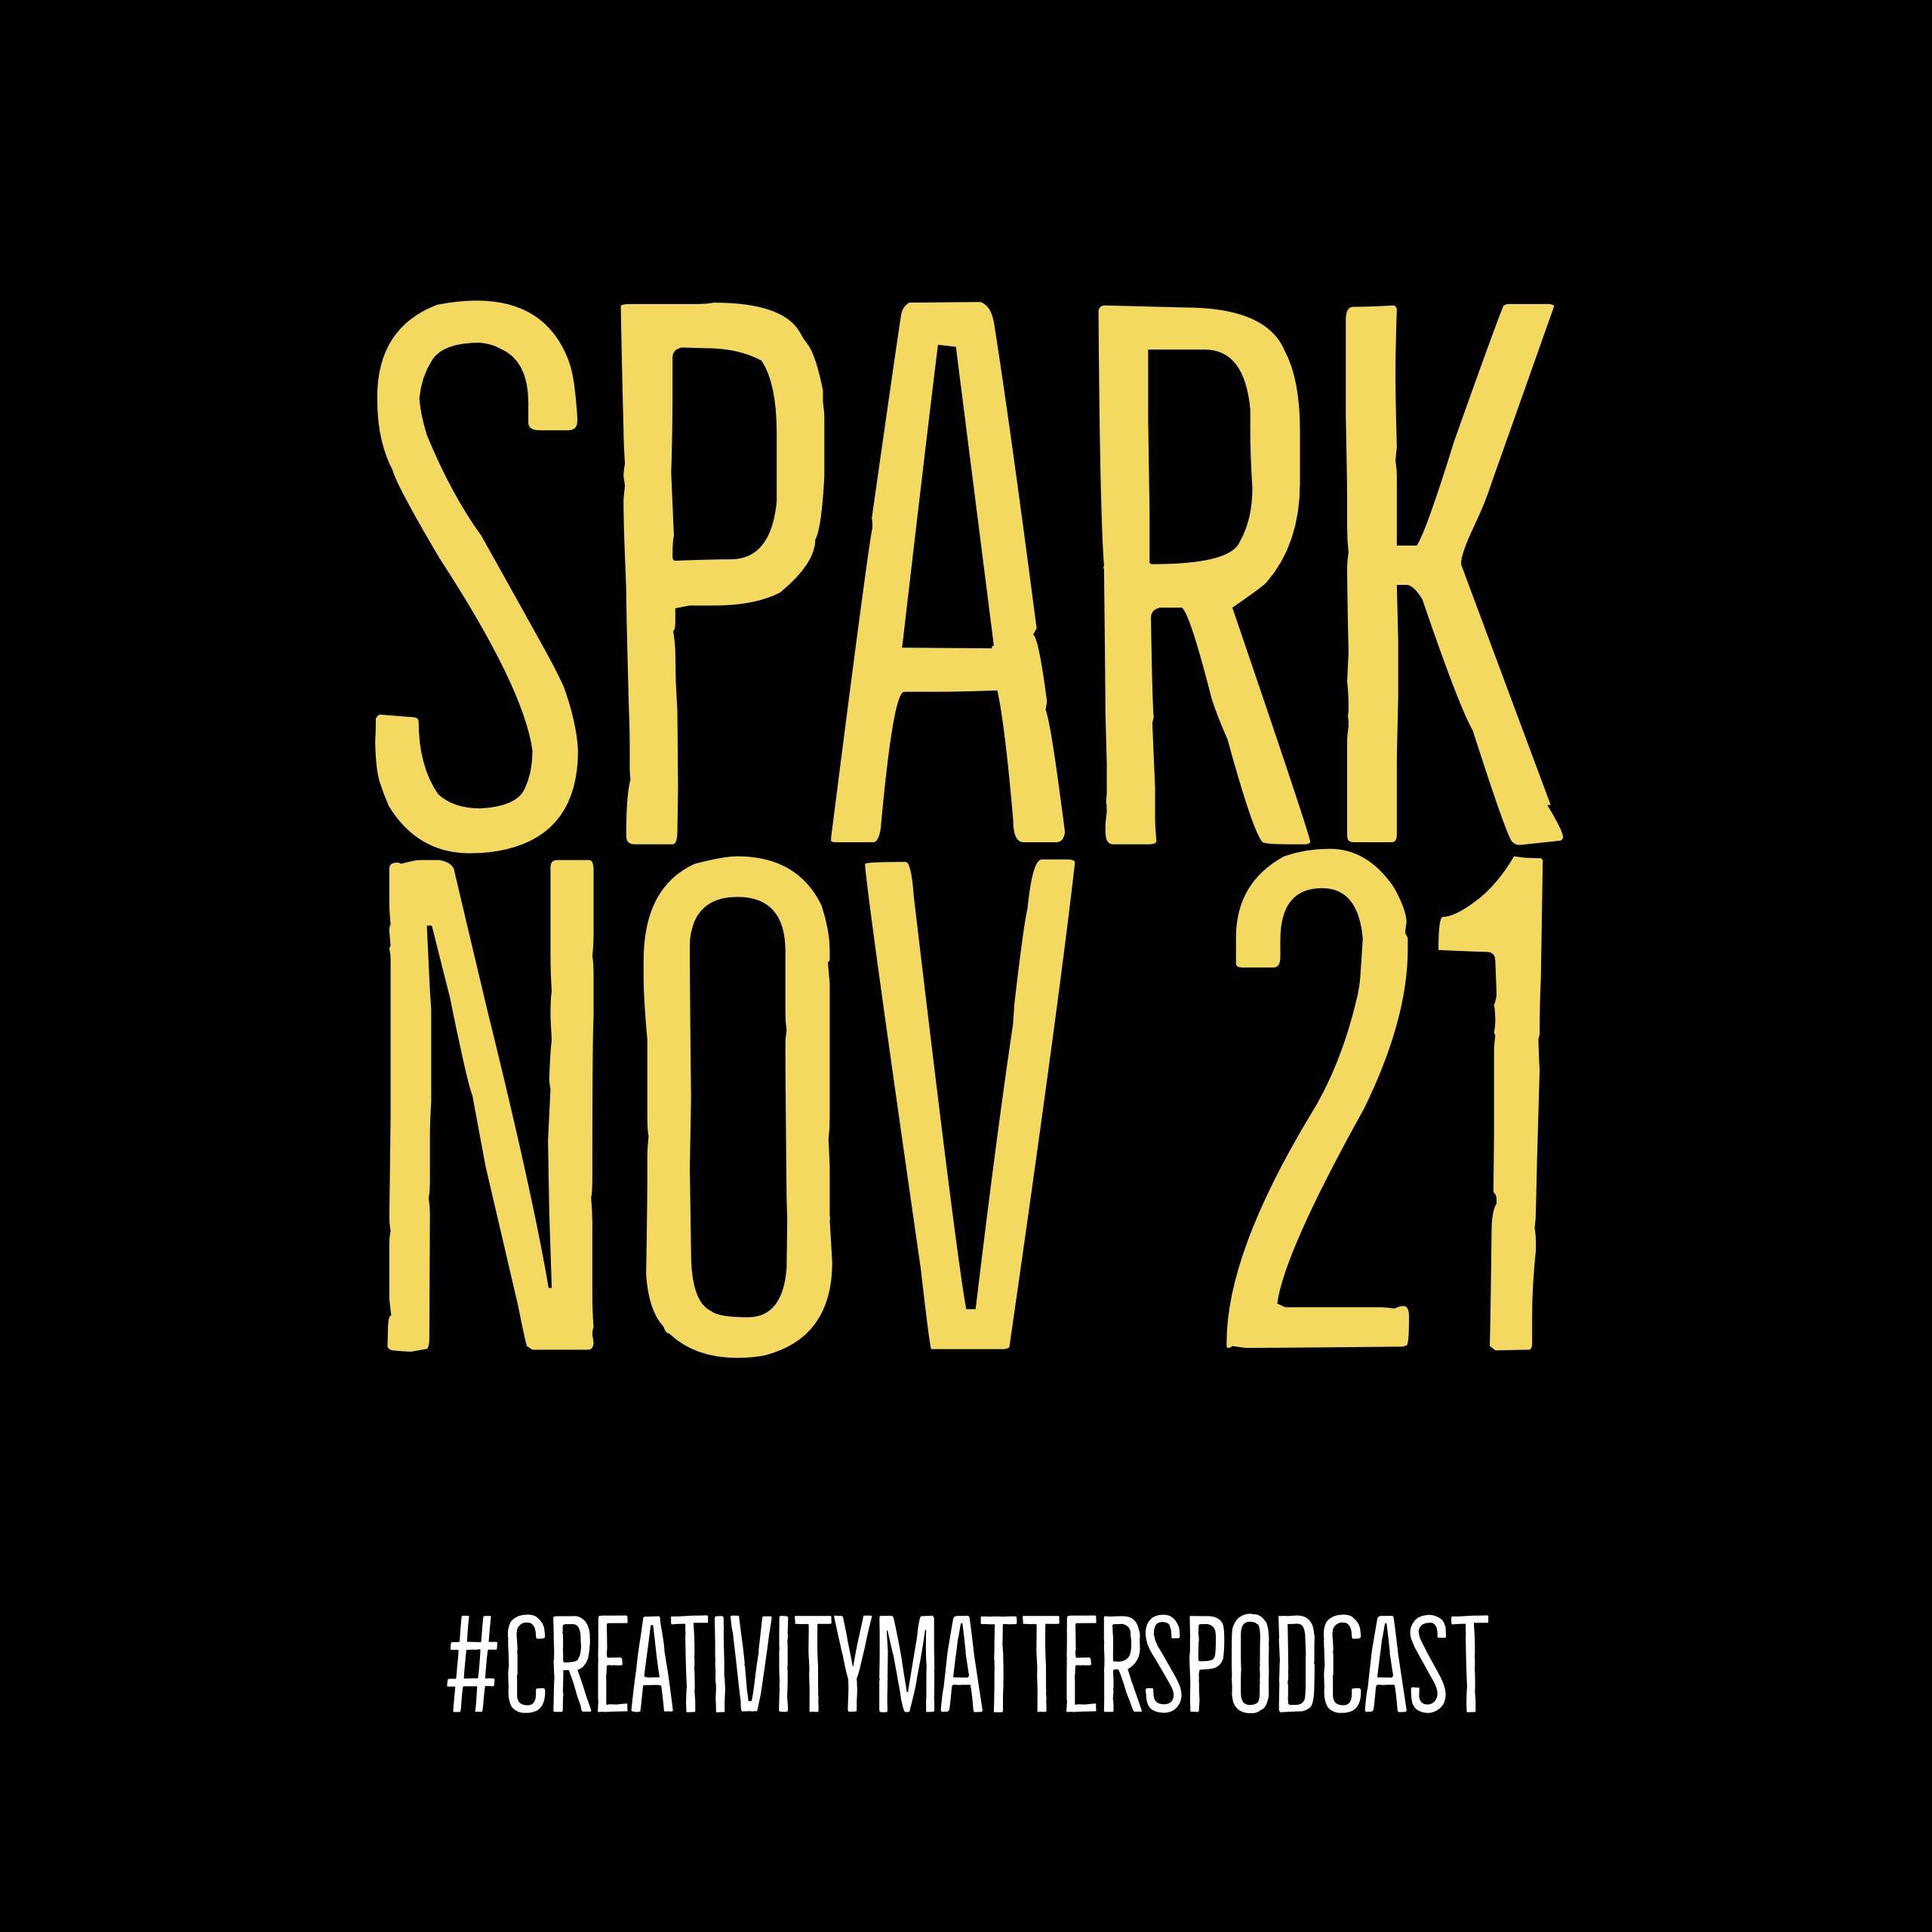 Spark Nov 21